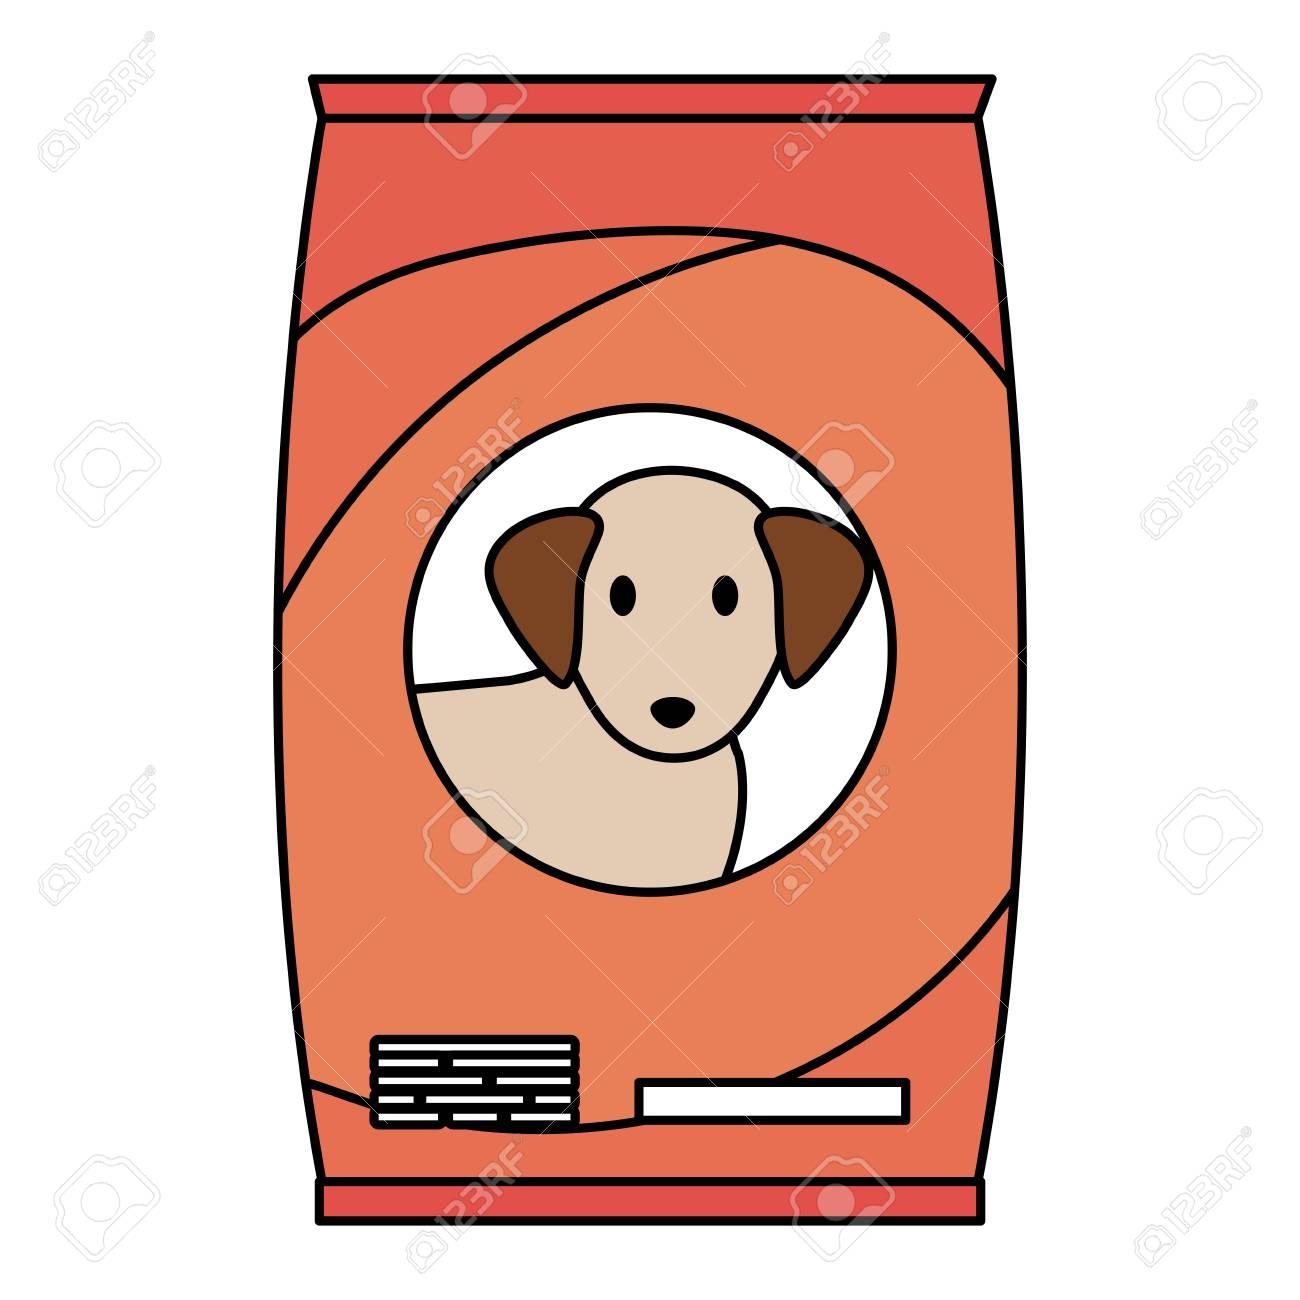 dog food bag icon vector illustration design - 123057802